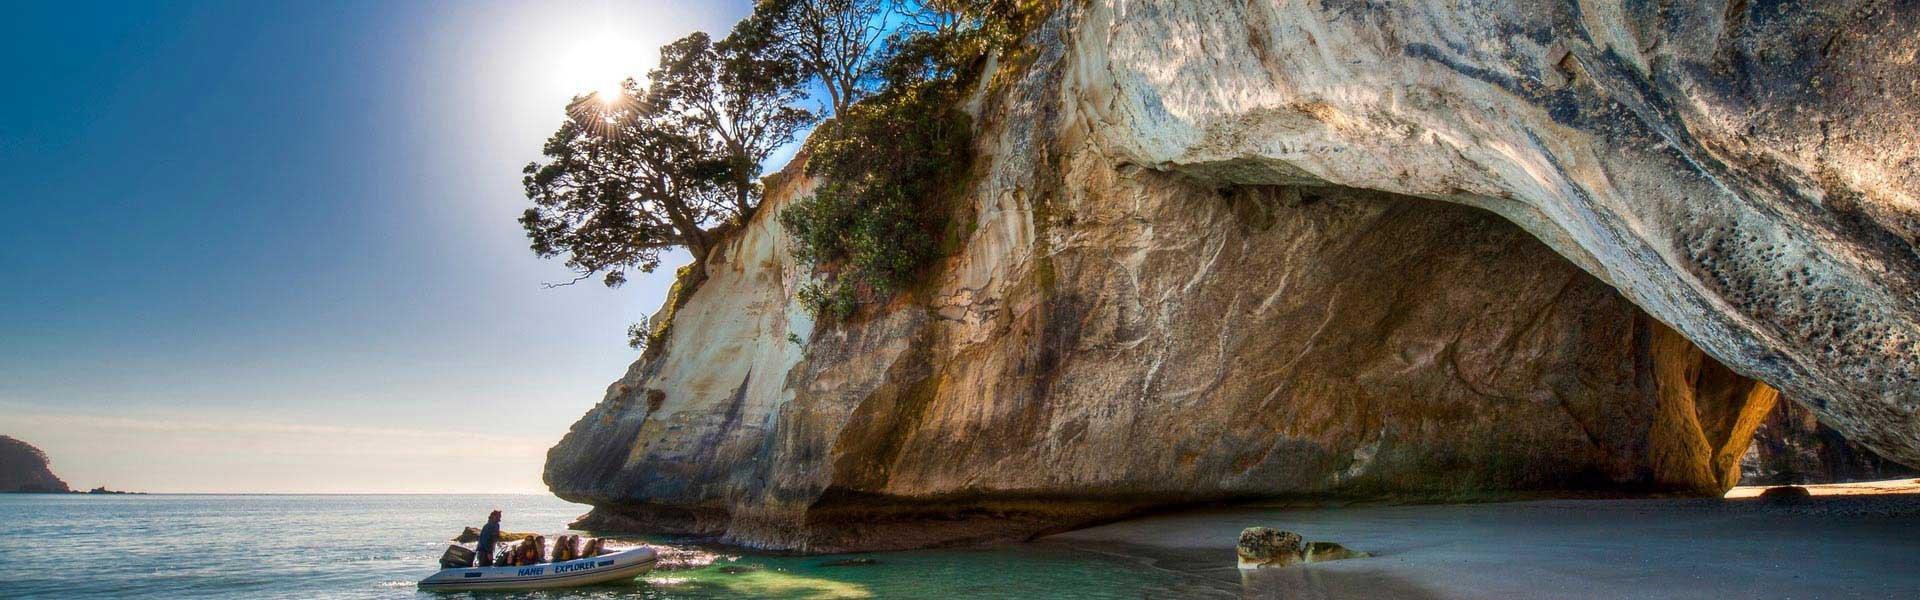 Bezoek de Cathedral Cove tijdens een campervakantie in Nieuw Zeeland met Victoria CamperHolidays